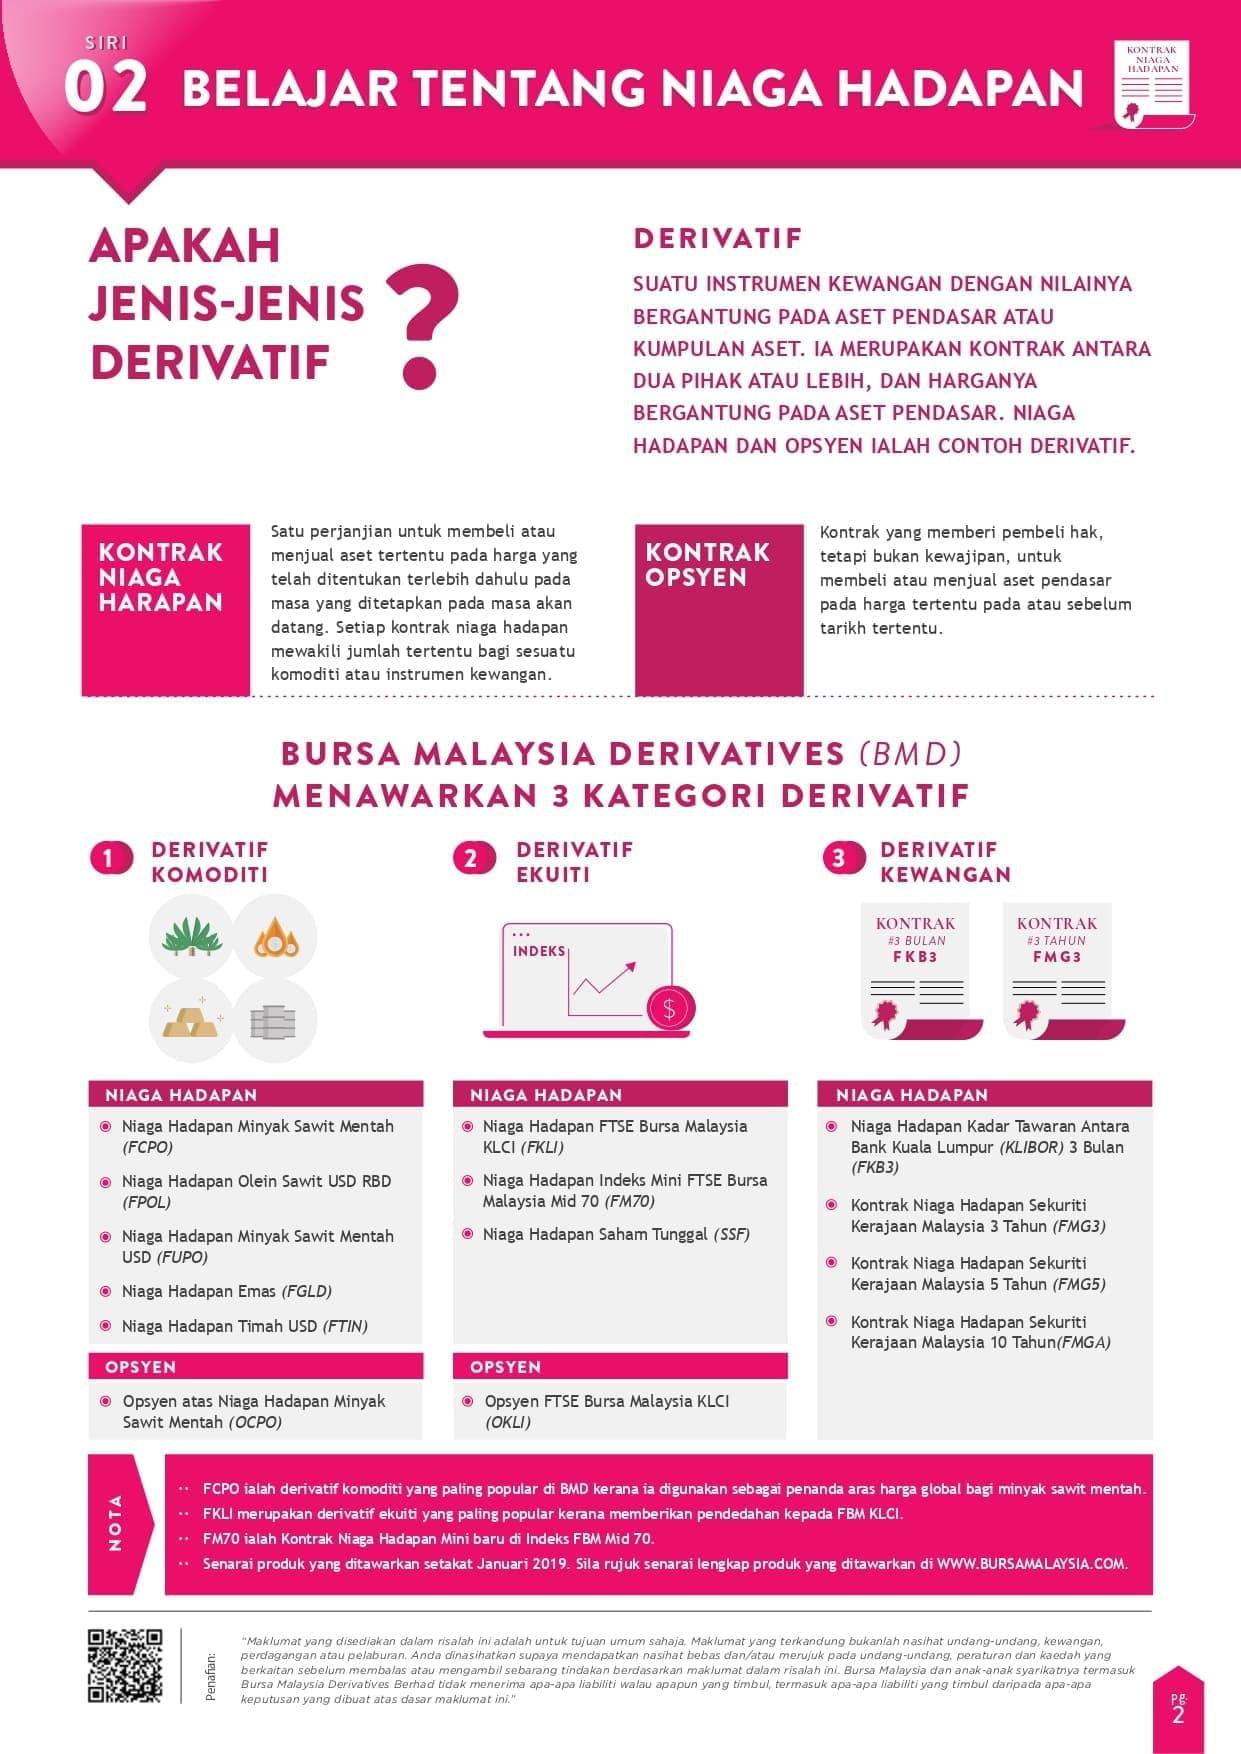 Siri Infografik Jom Belajar Niaga Hadapan 02